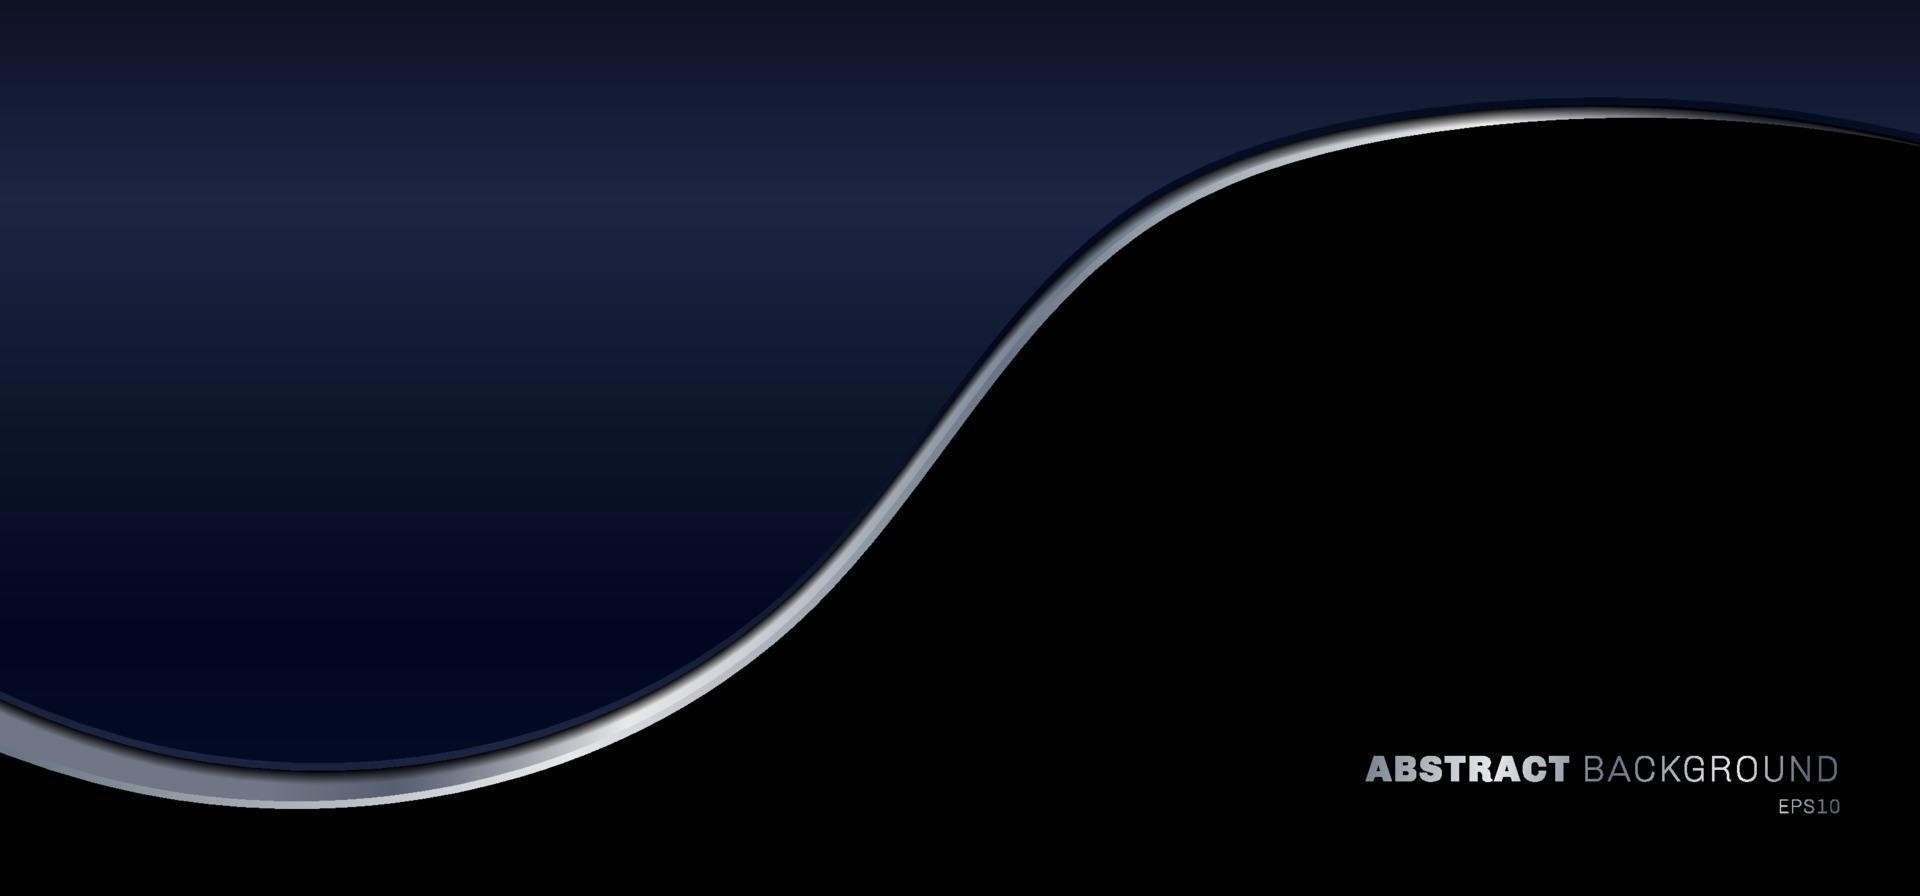 banner websjabloon blauwe kleurovergang gebogen met zilveren lijn op zwarte achtergrond vector